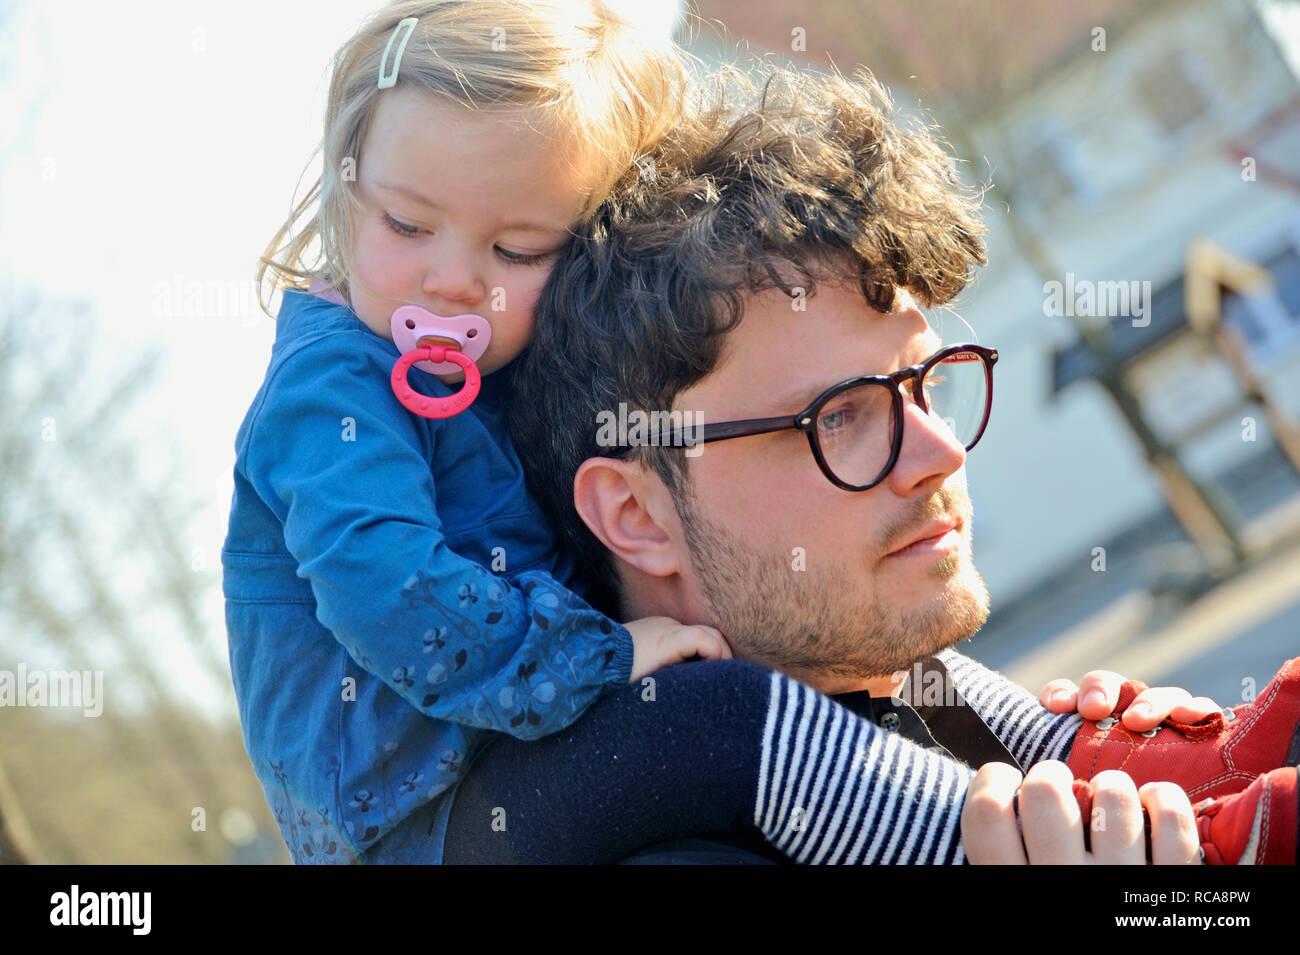 Kleikind, Mädchen, 2 Jahre alt, sitzt beim Vater huckepack auf der Schulter | Child is piggybacked from it's father Stock Photo